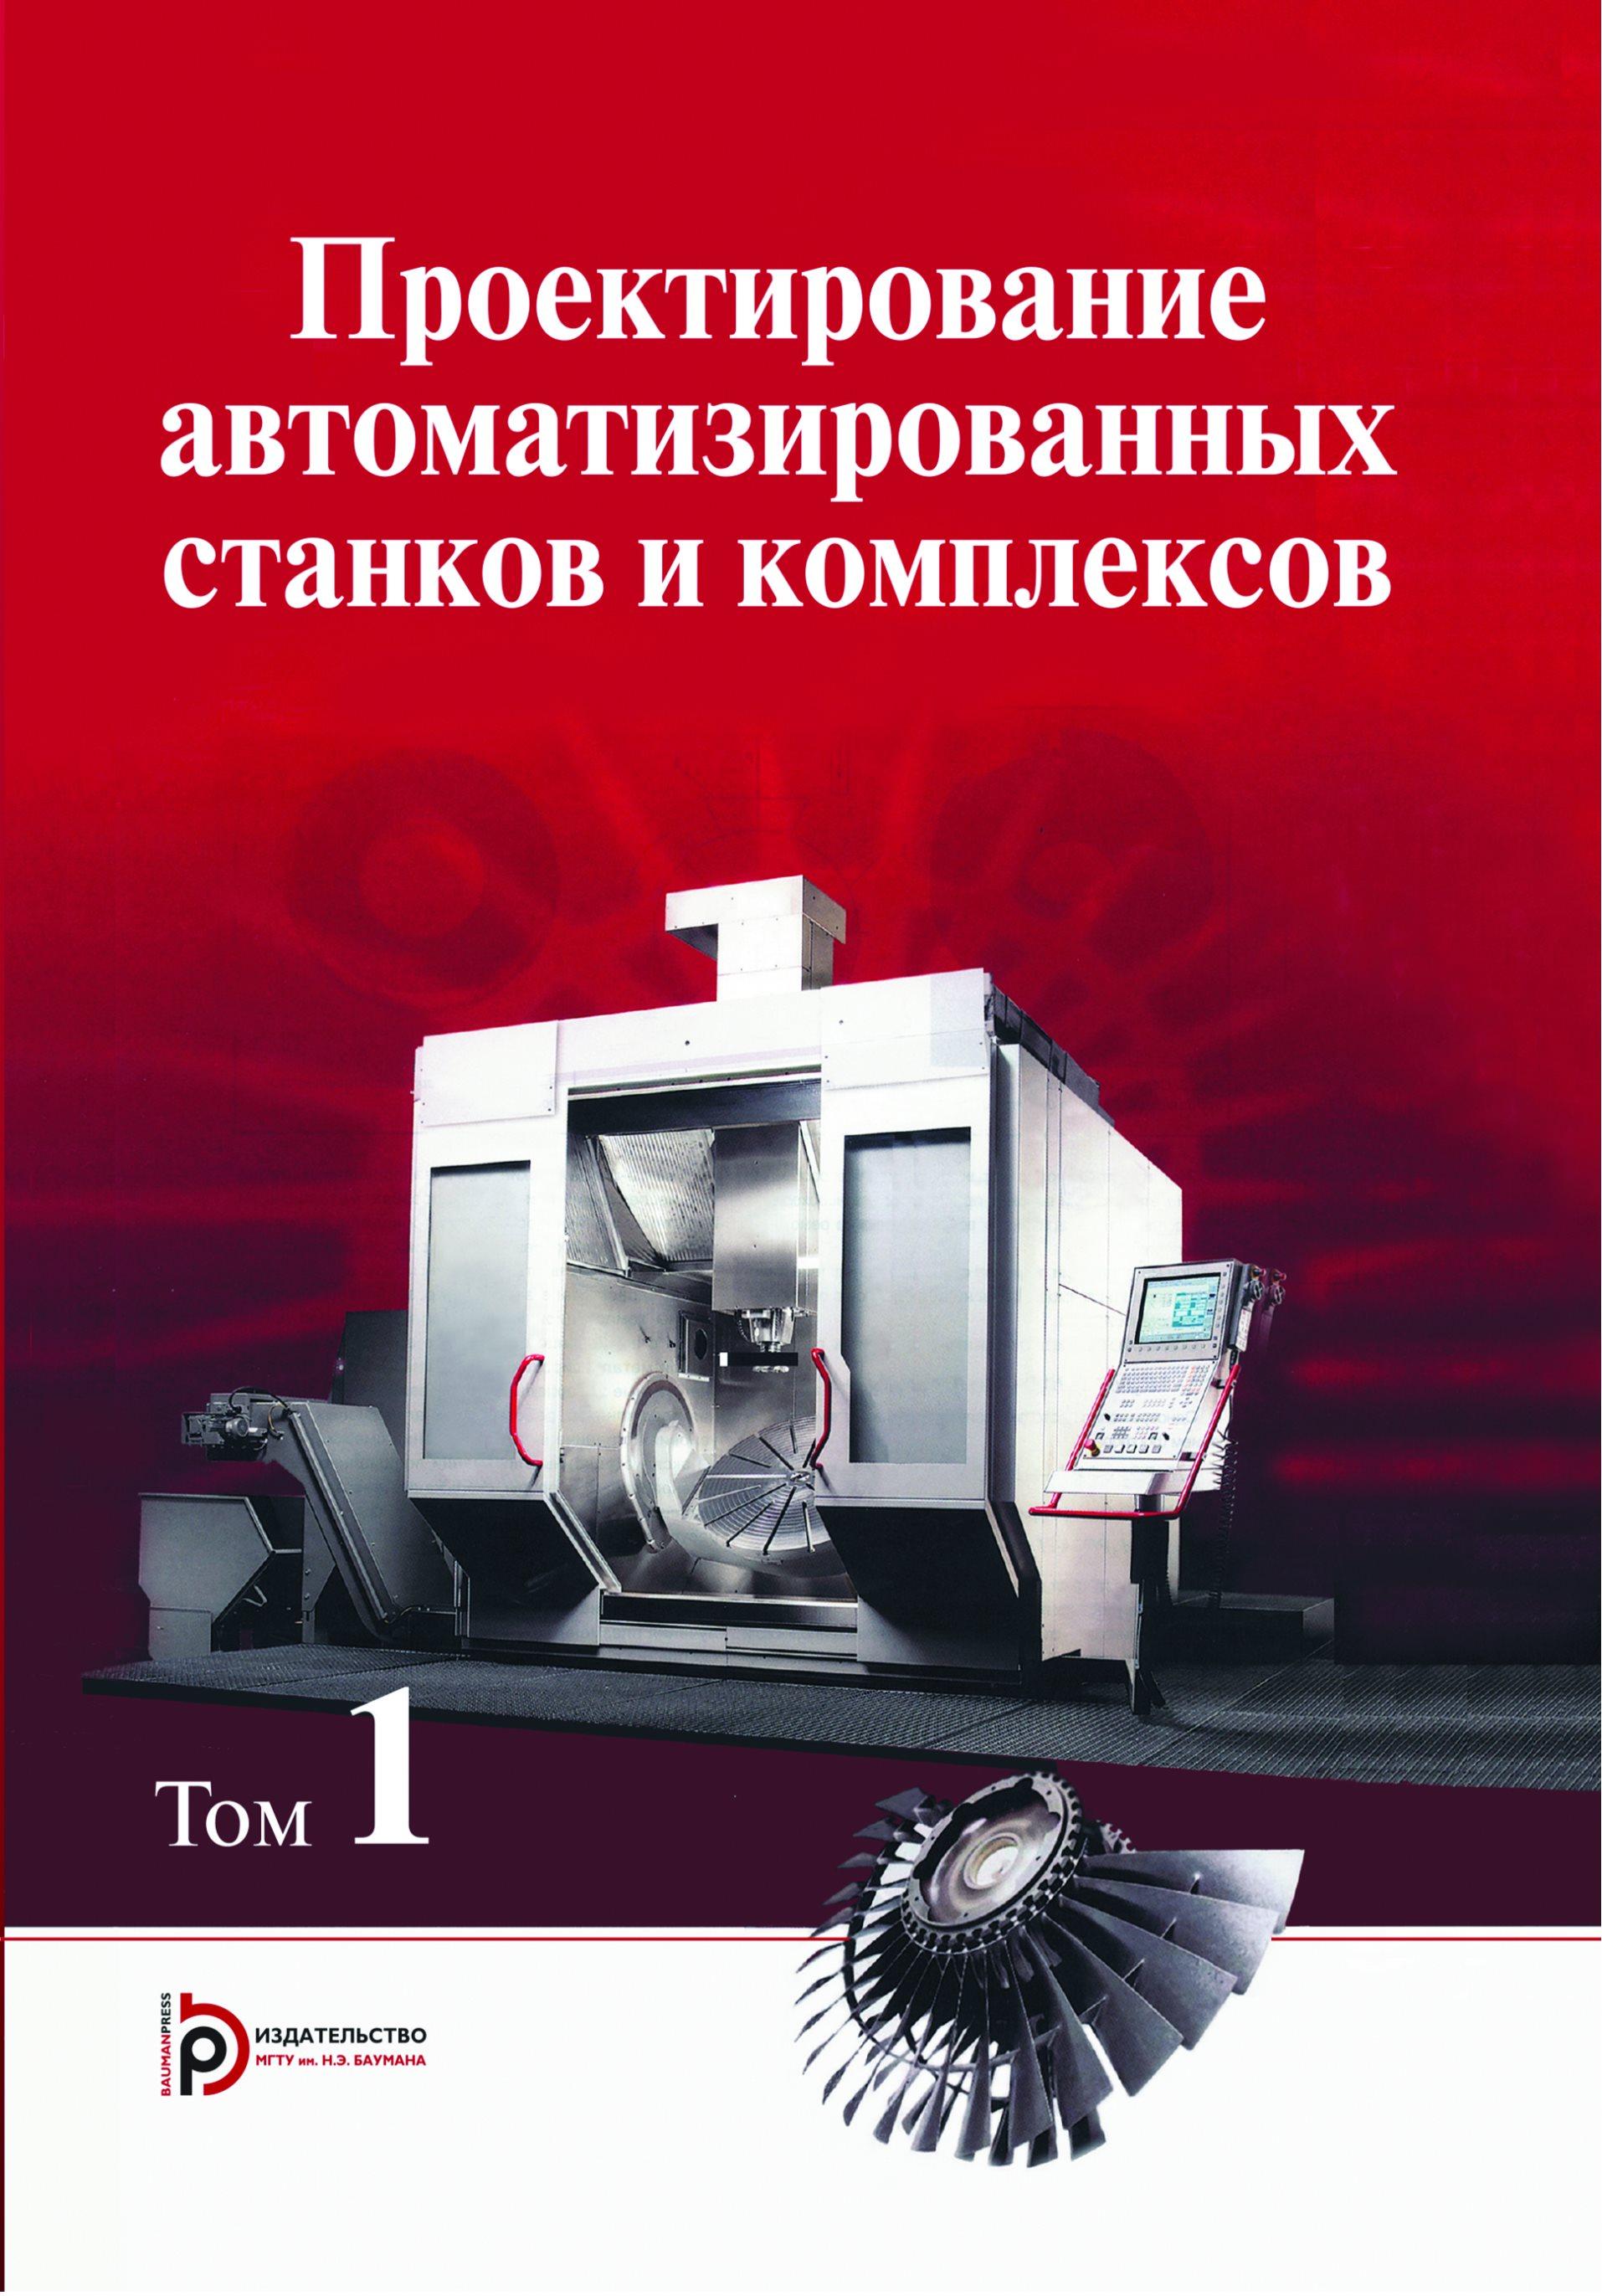 Герман Васильев Проектирование автоматизированных станков и комплексов. Том 1